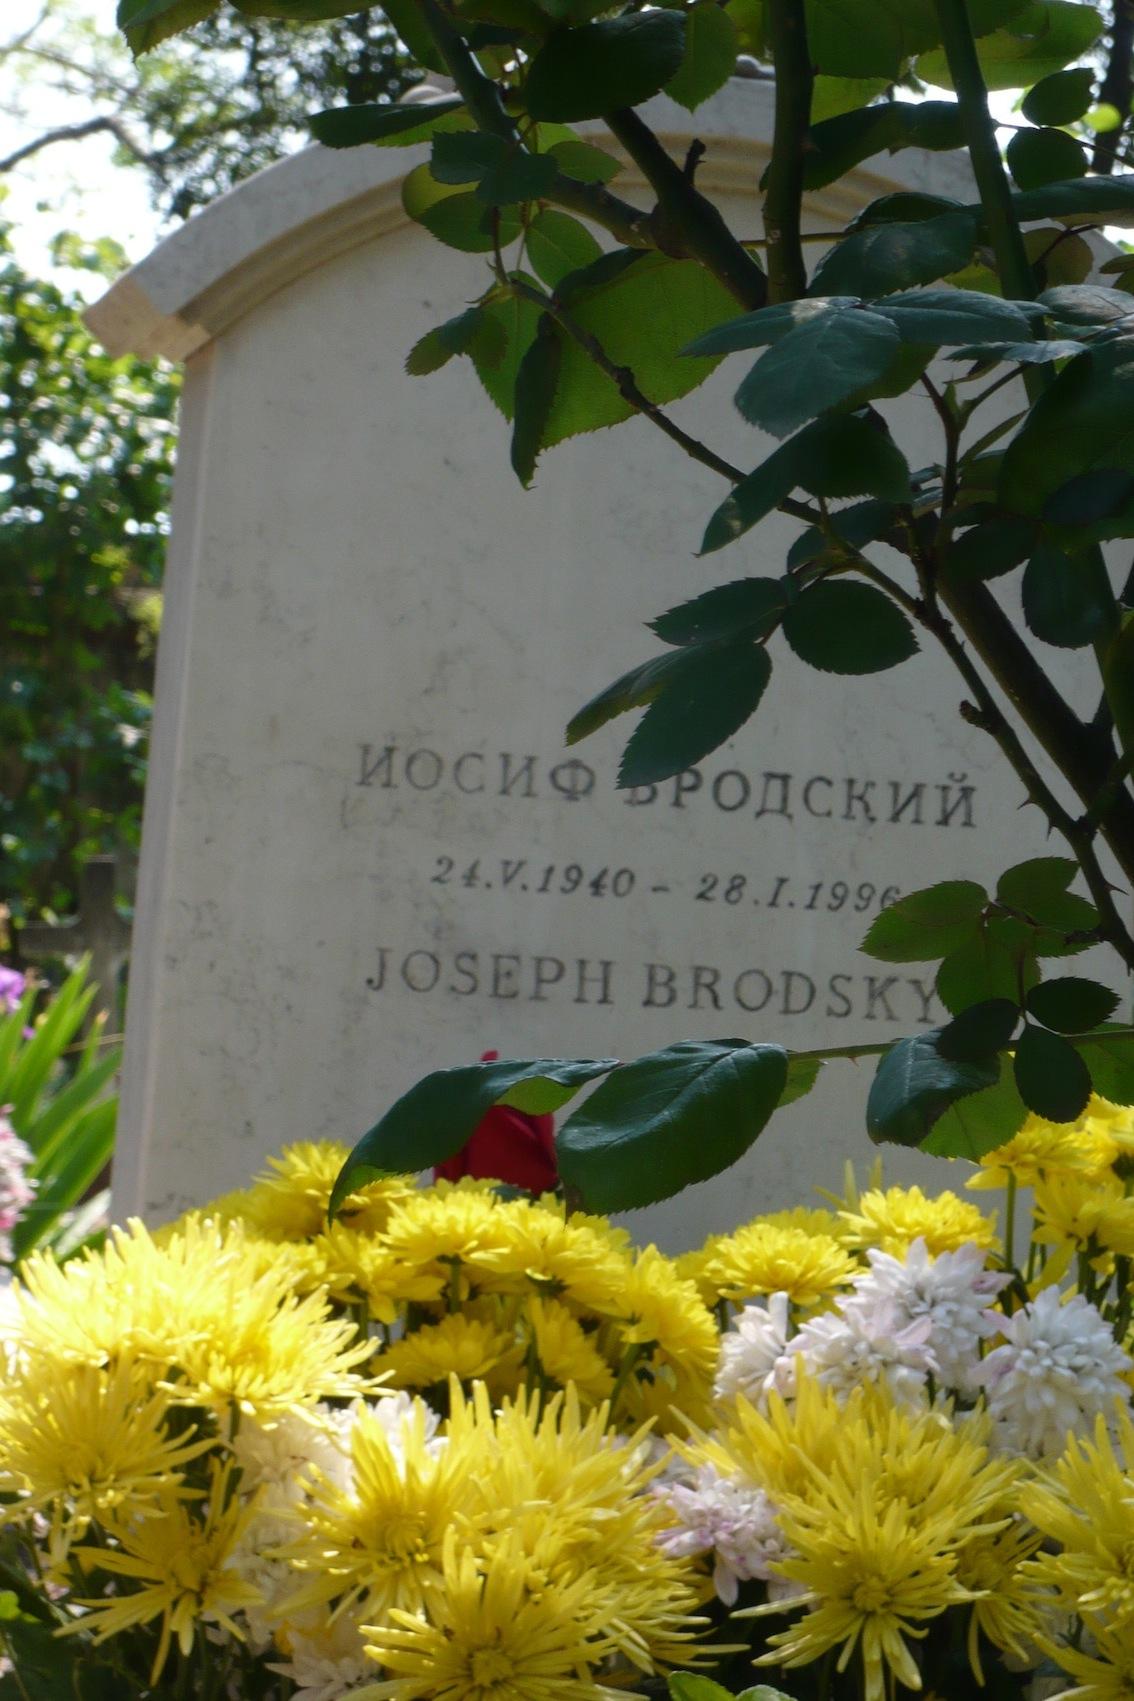 Brodsky's tomb in Venice_April 2009